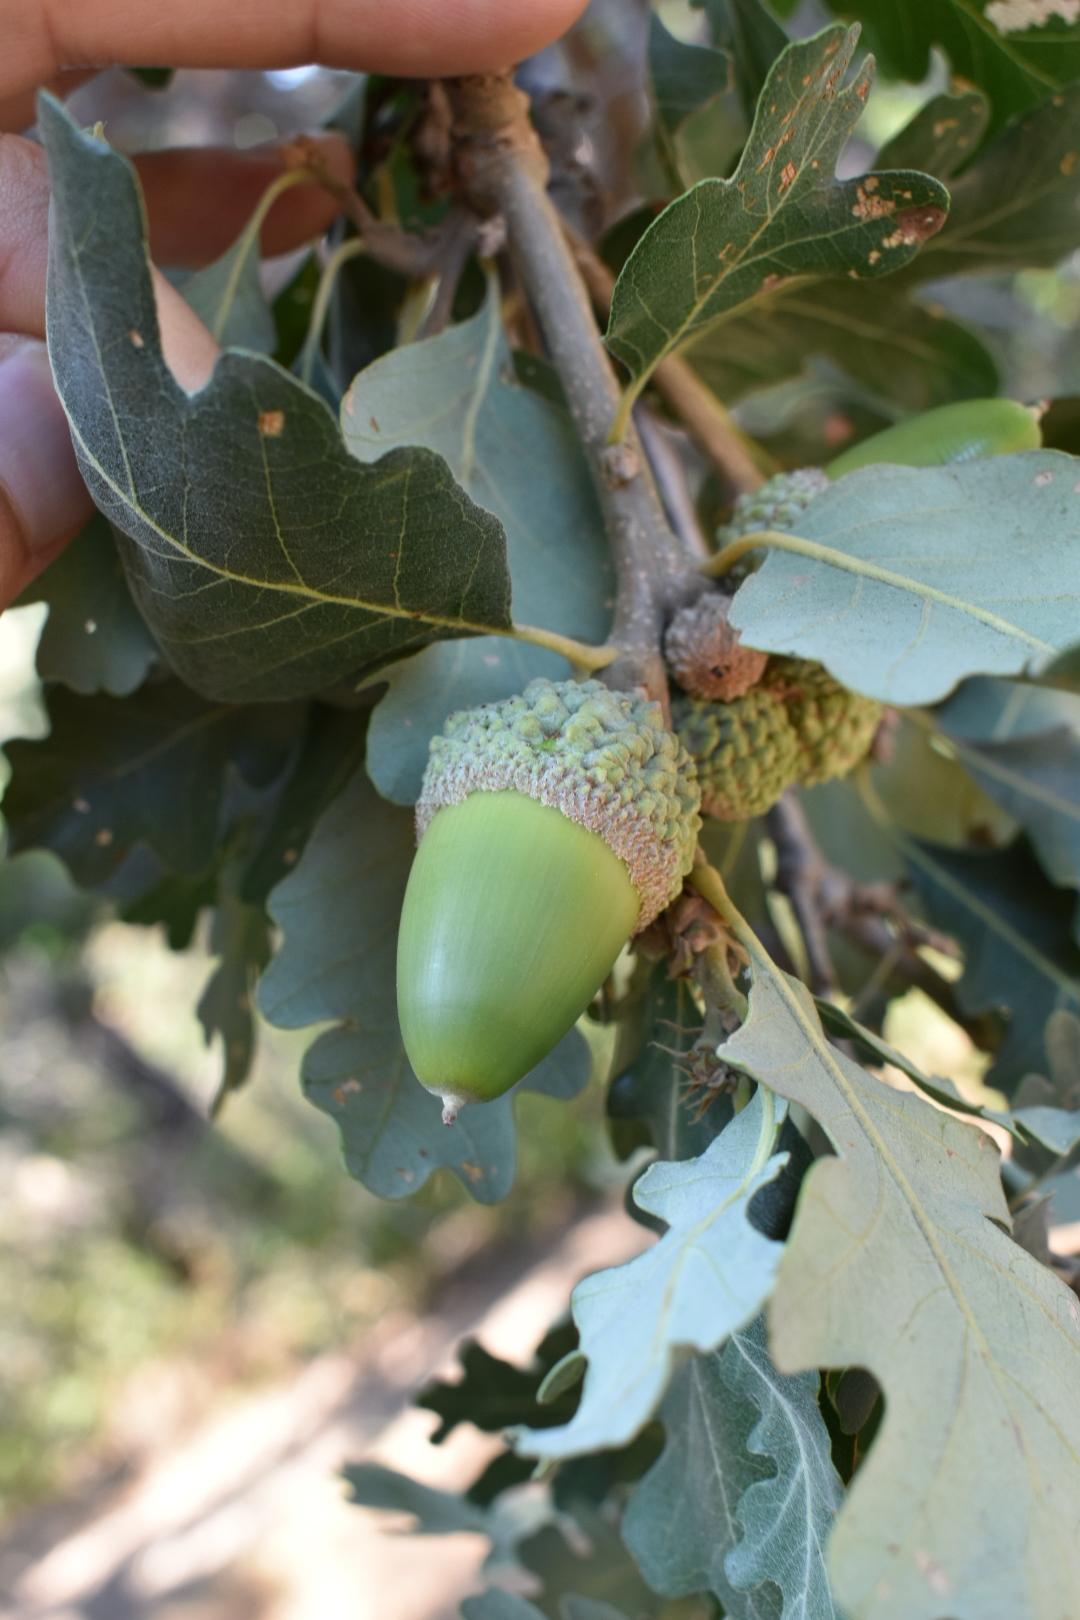 unripe valley oak acorn (Quercus lobata)